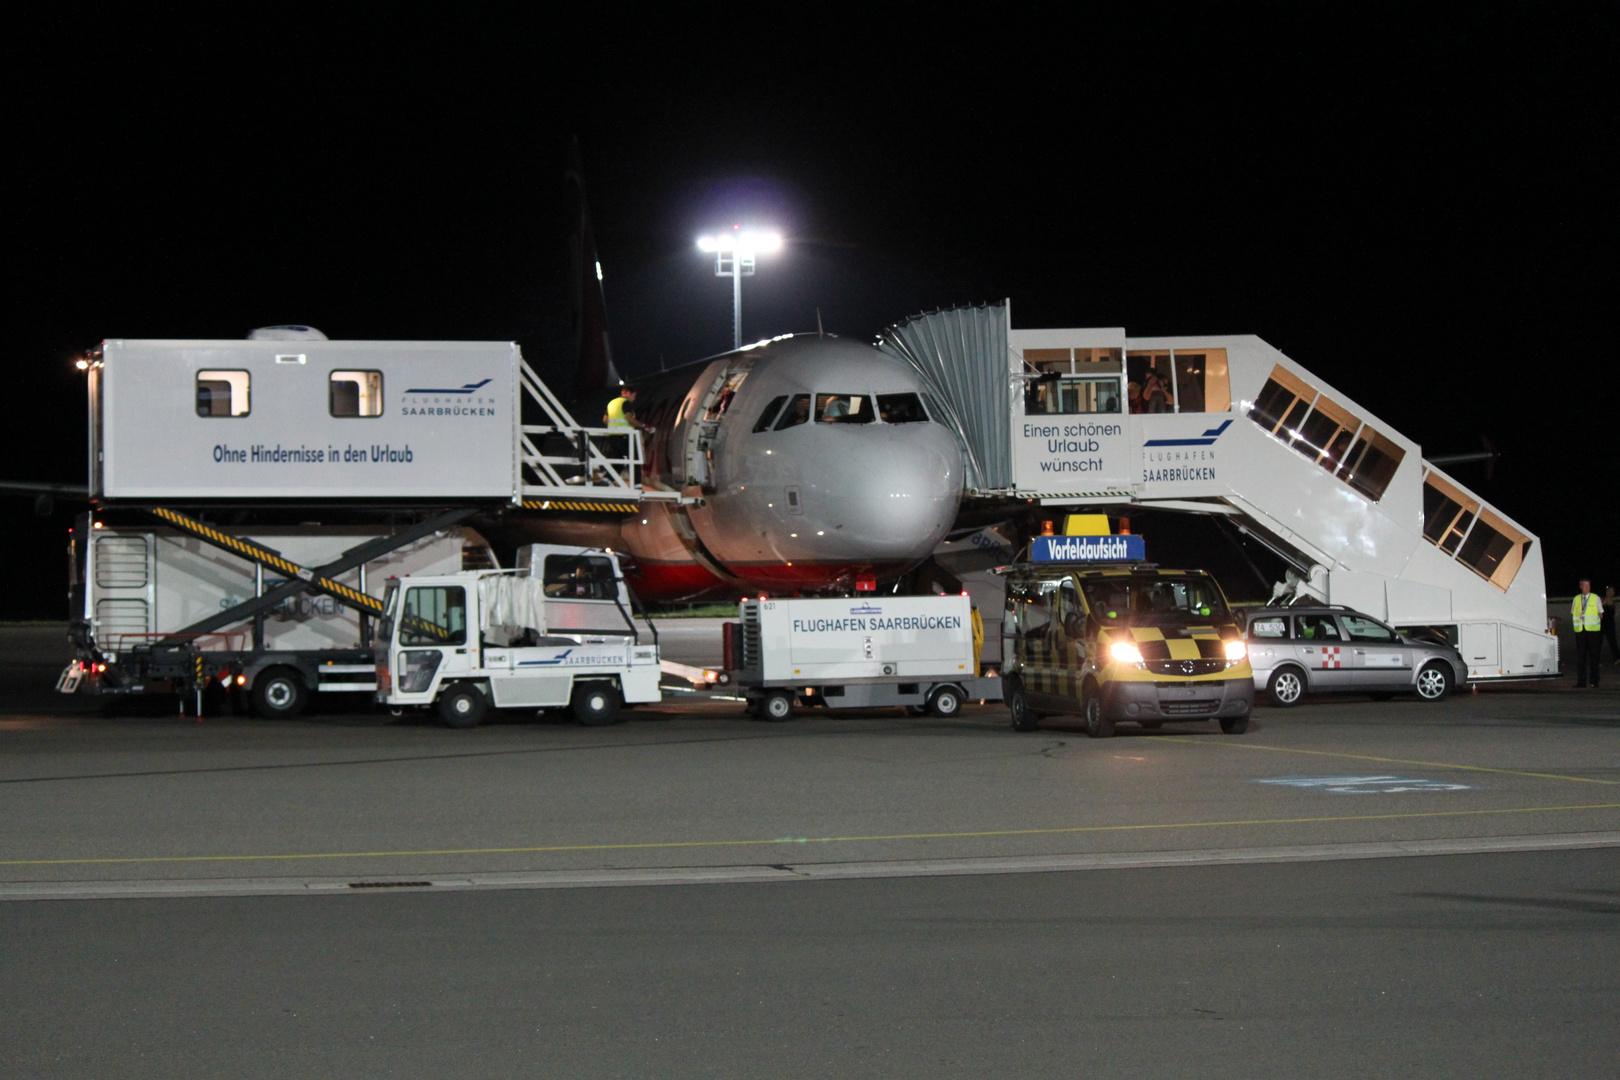 Flughafen Saarbrücken Ensheim